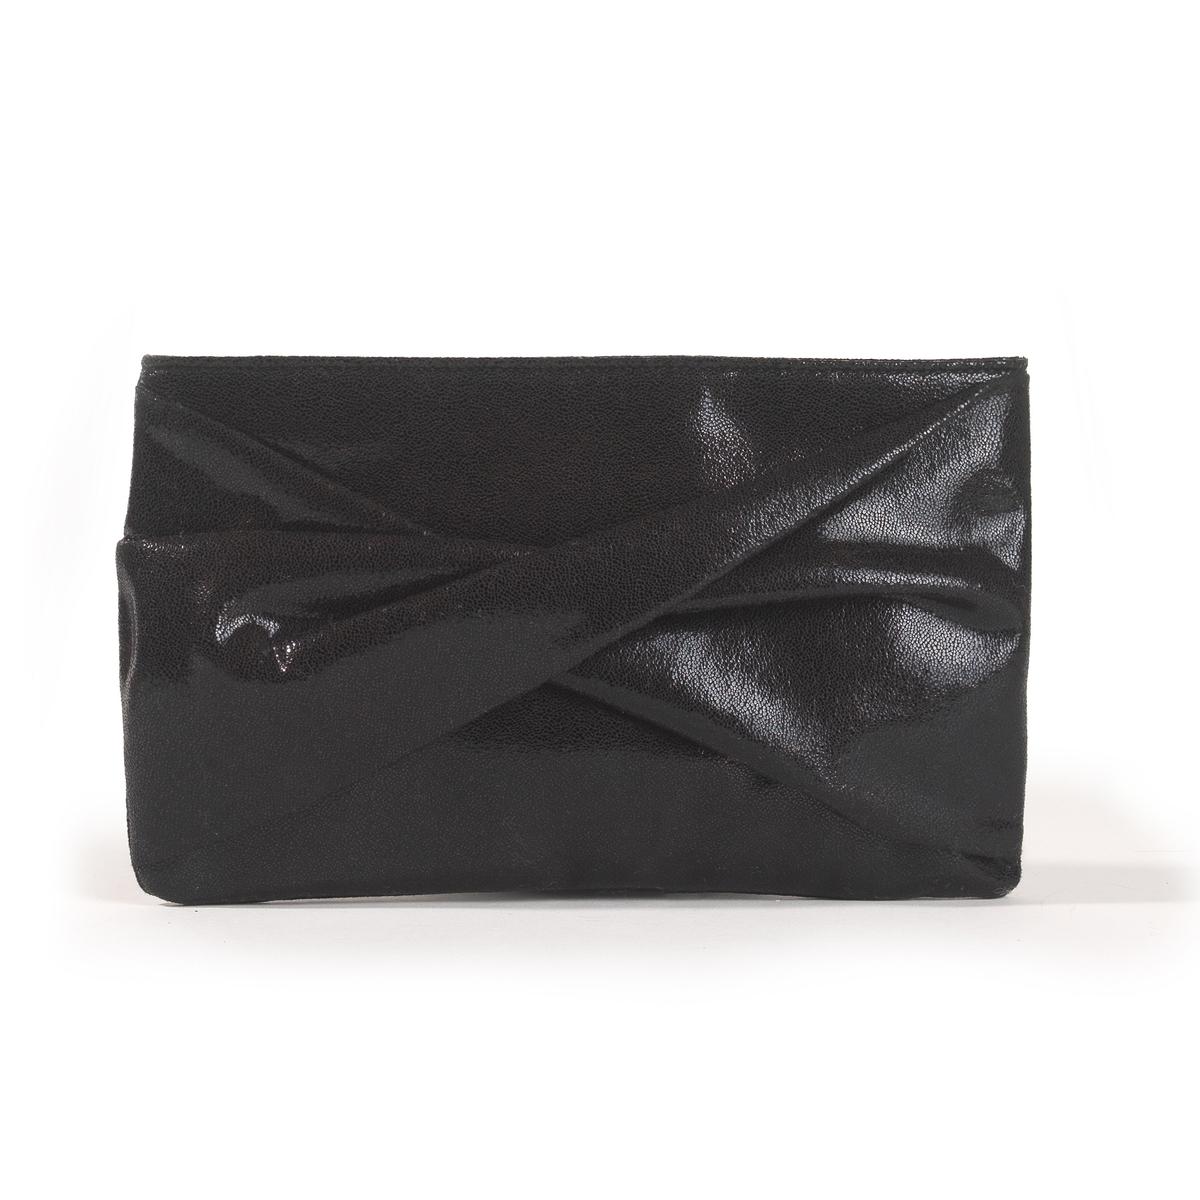 Сумка-клатчСумка-клатч. Оригинальная сумка, красивая отделка спереди. Съемная цепочка.  Застежка на магнит. 1 внутренний карман для мобильного.Состав и описание :Материал : Верх из синтетического материала.Подкладка : полиэстер..Размеры :  24 x 15 см.Марка : Anne Weyburn.<br><br>Цвет: черный<br>Размер: единый размер